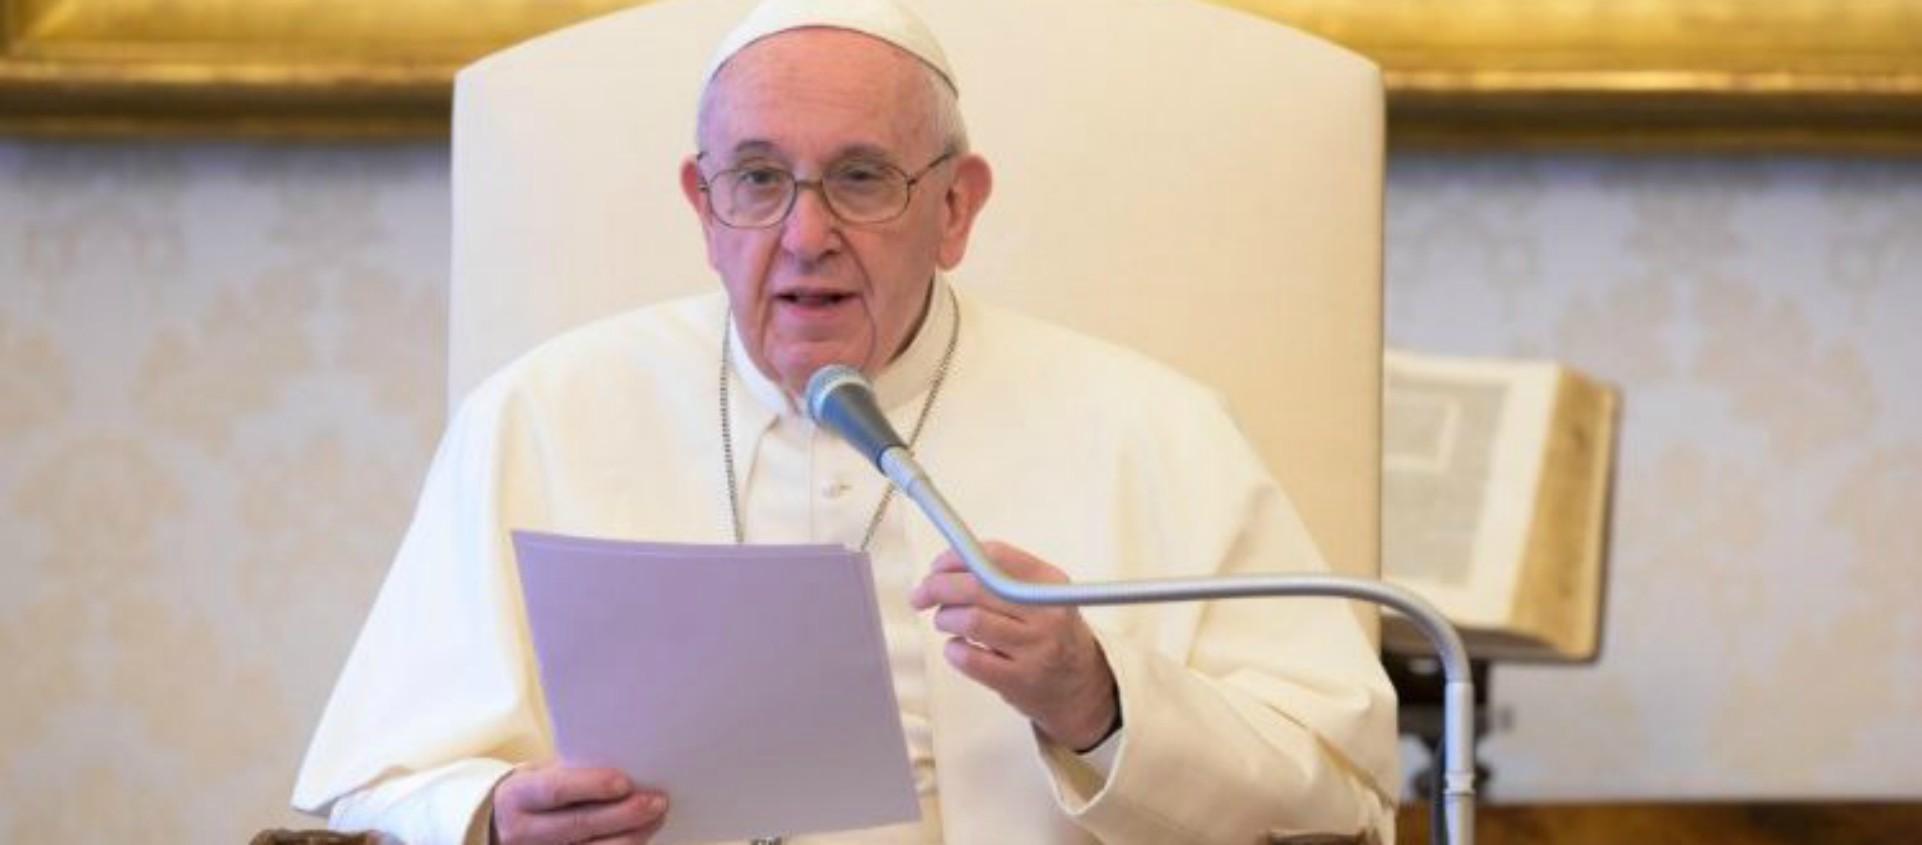 Derniers textes saisis : Pape-francois-audience-generale